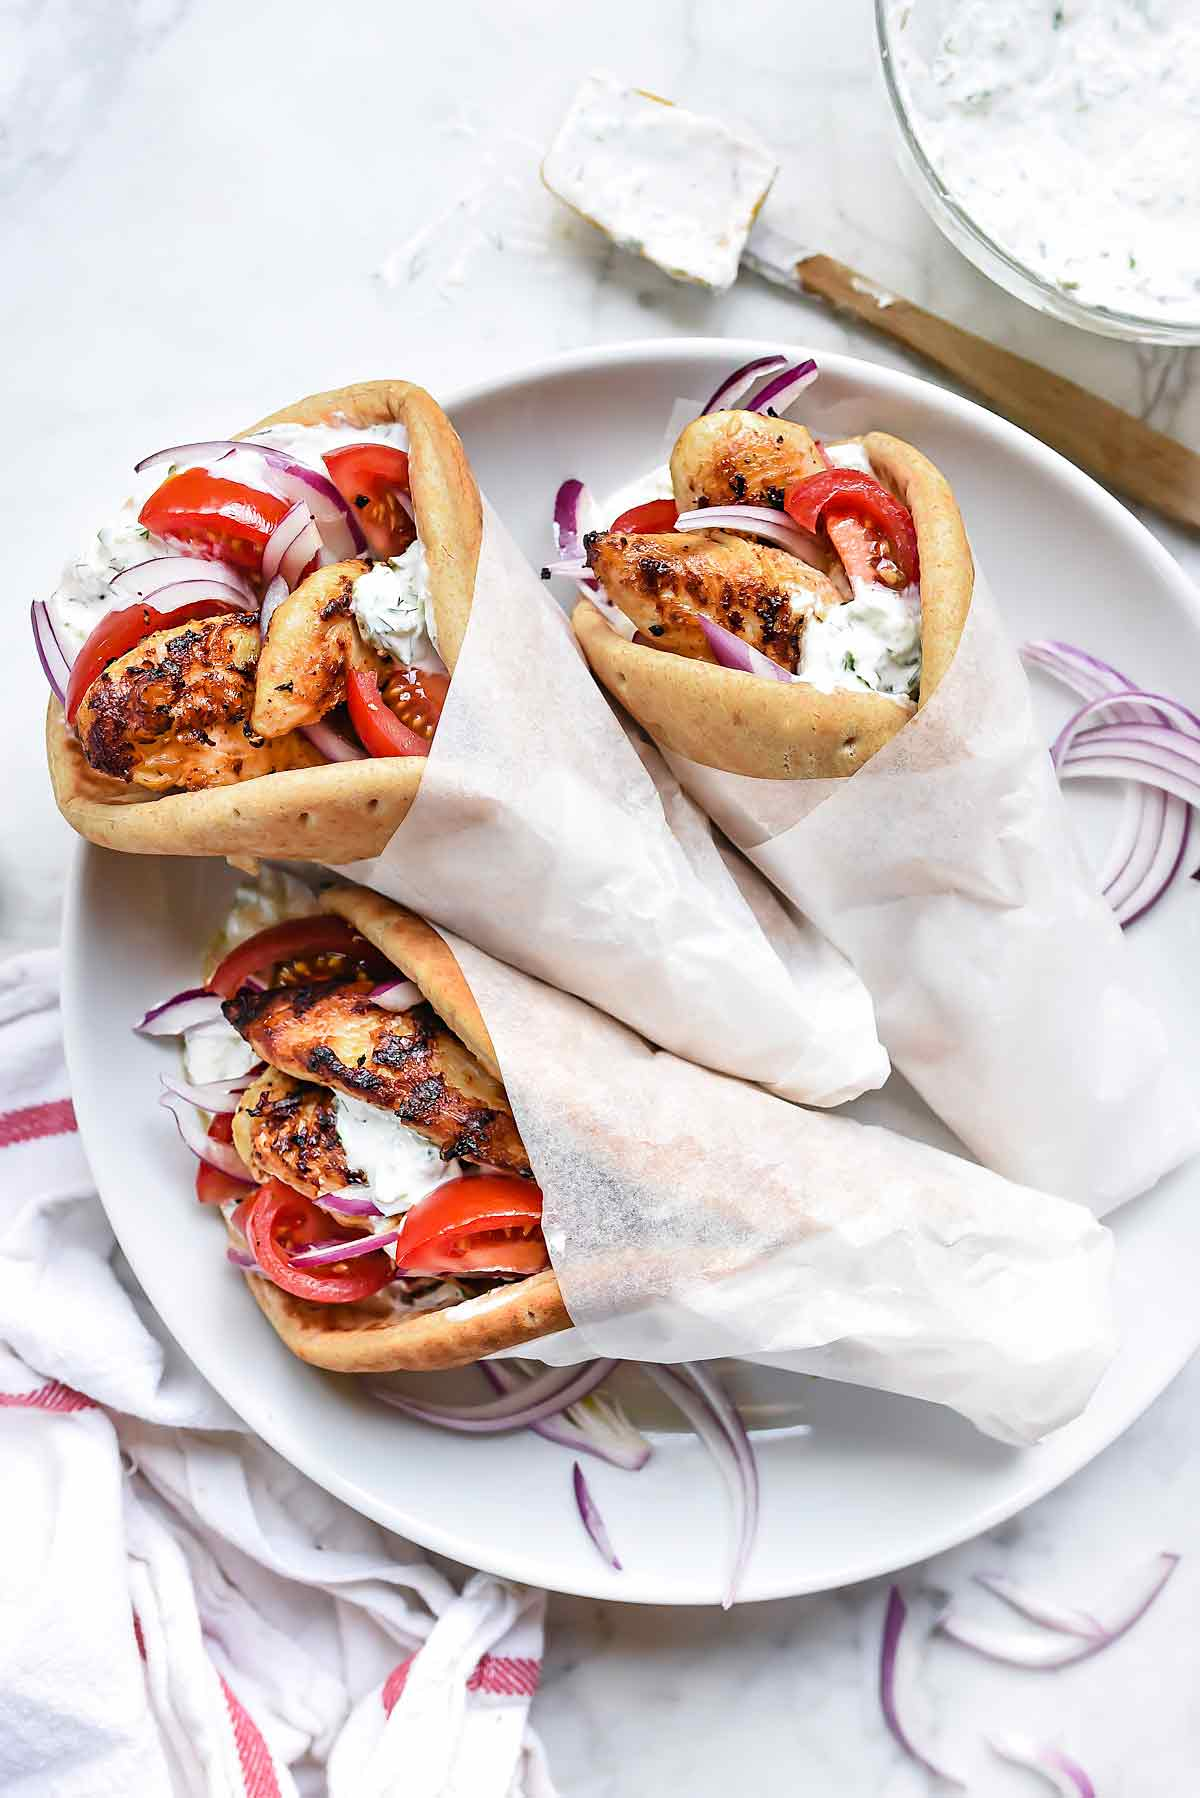 Greek Food Take Out